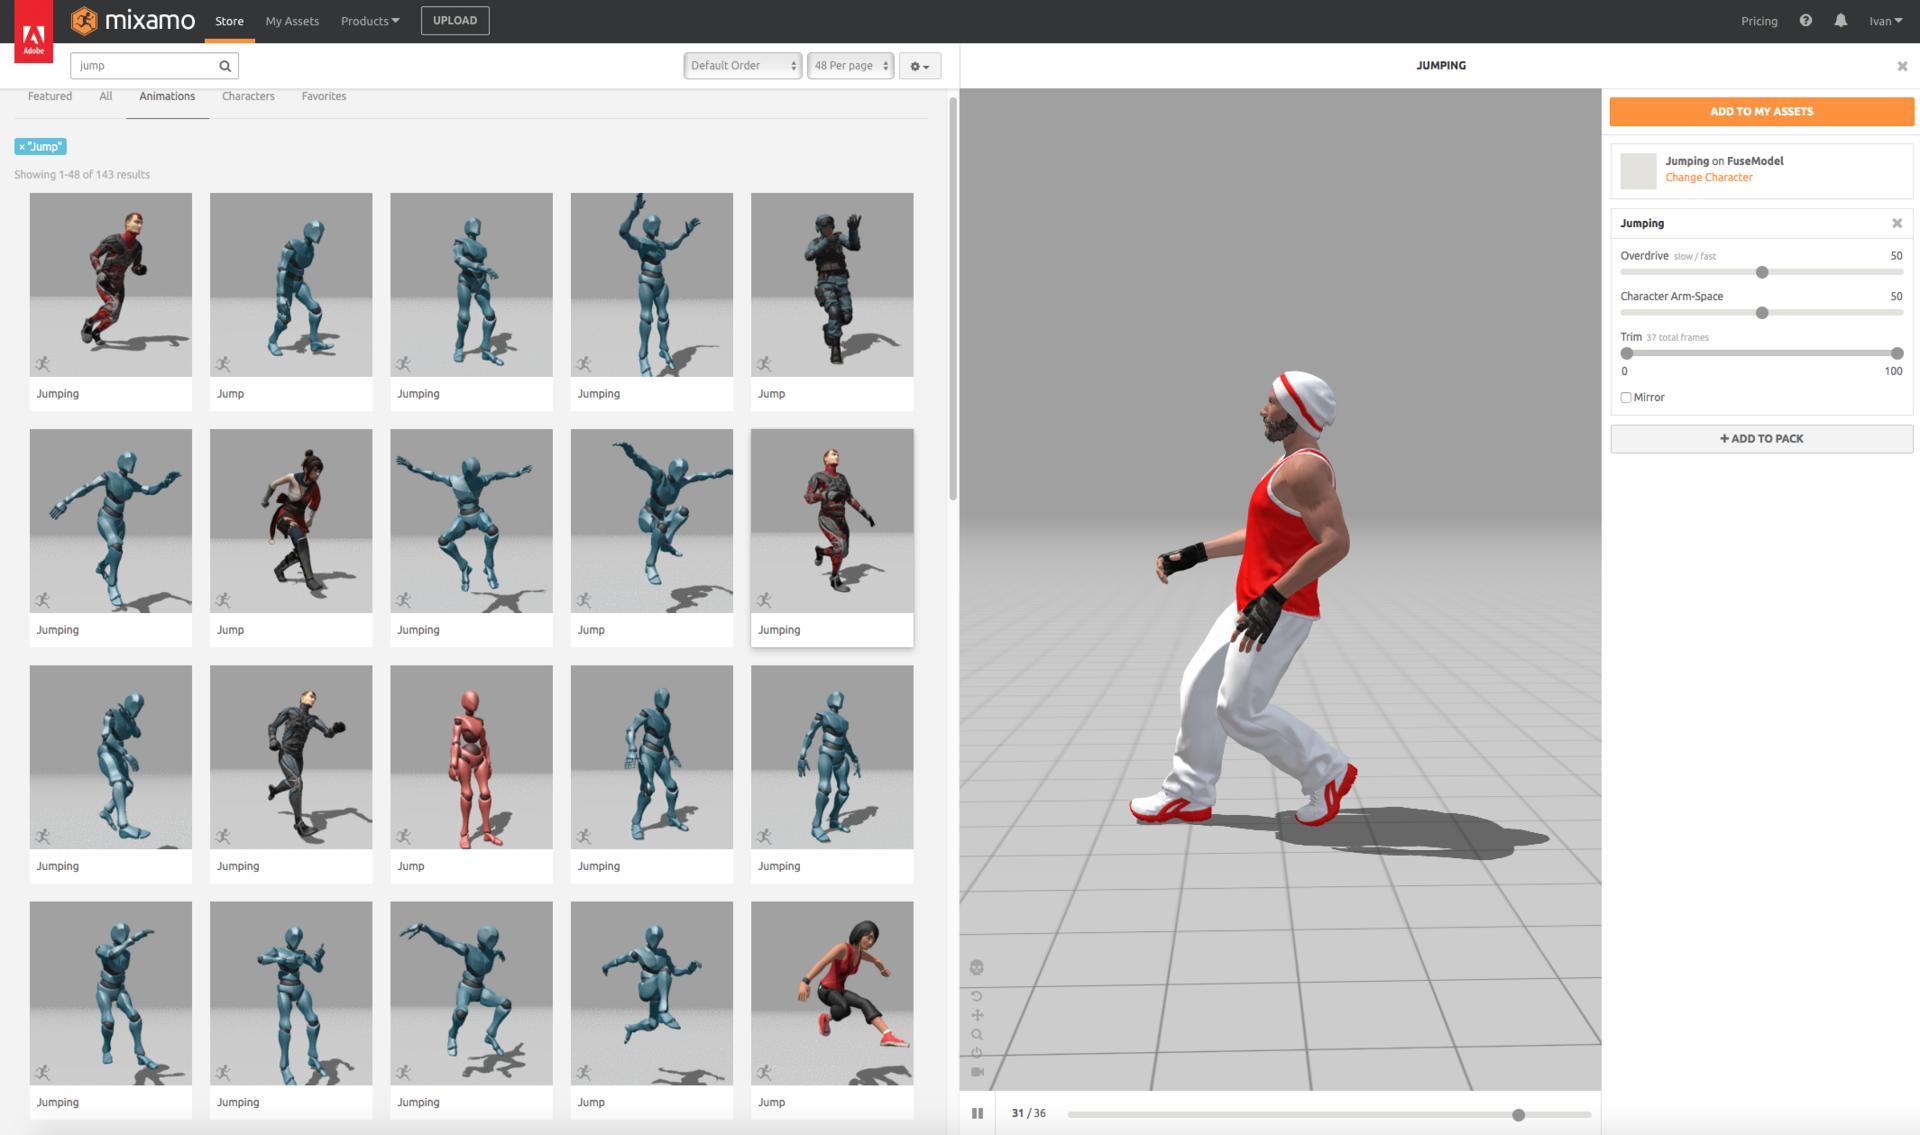 3D моделирование и анимация: руководство для начинающих - 18